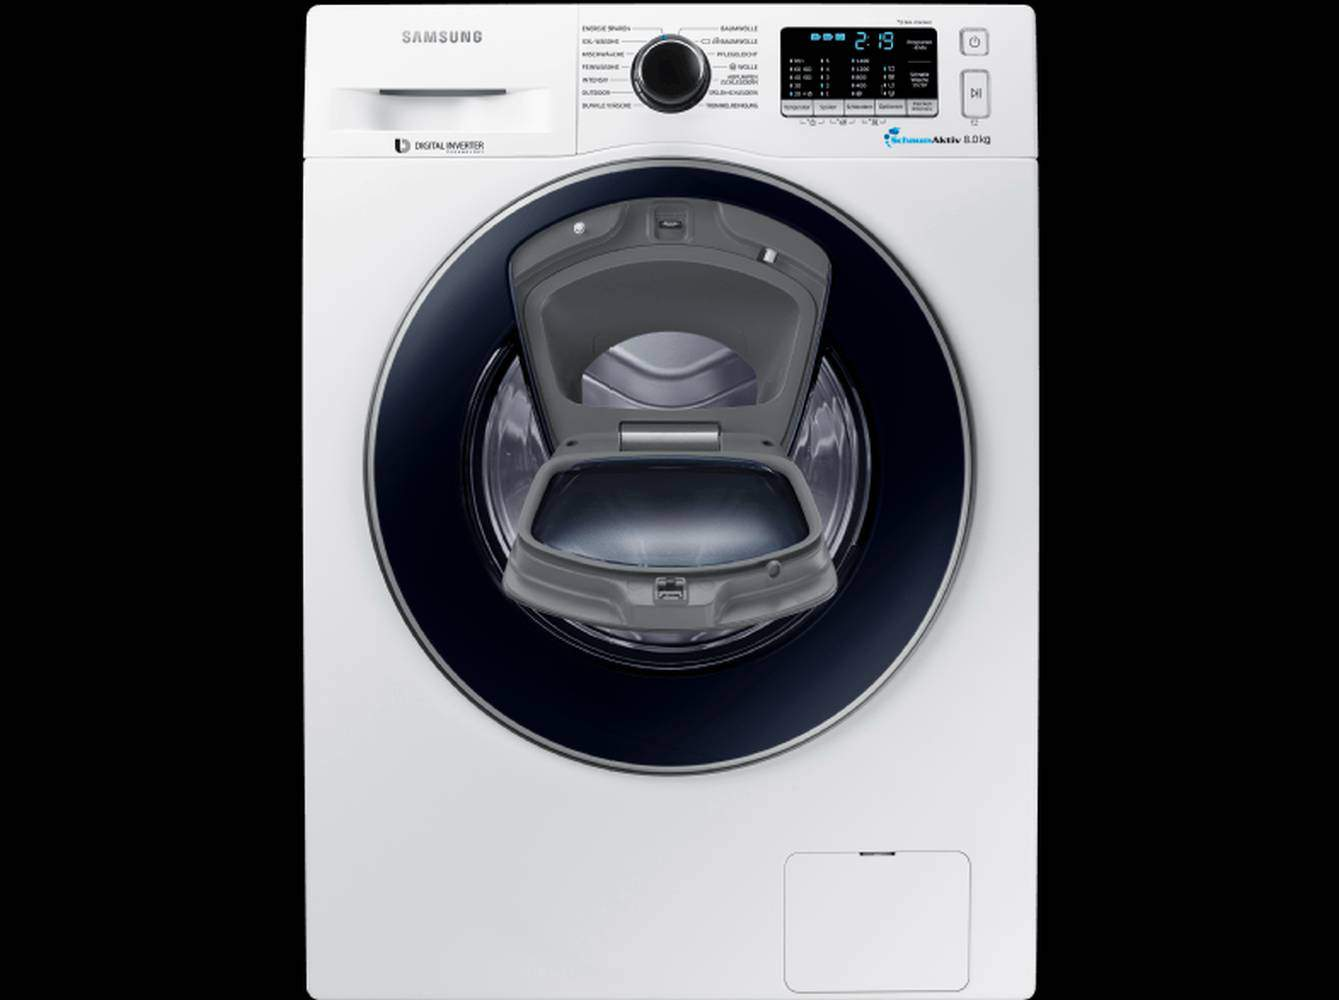 Samsung ww 8 ek 5400 uw eg waschmaschine im test 07 2018